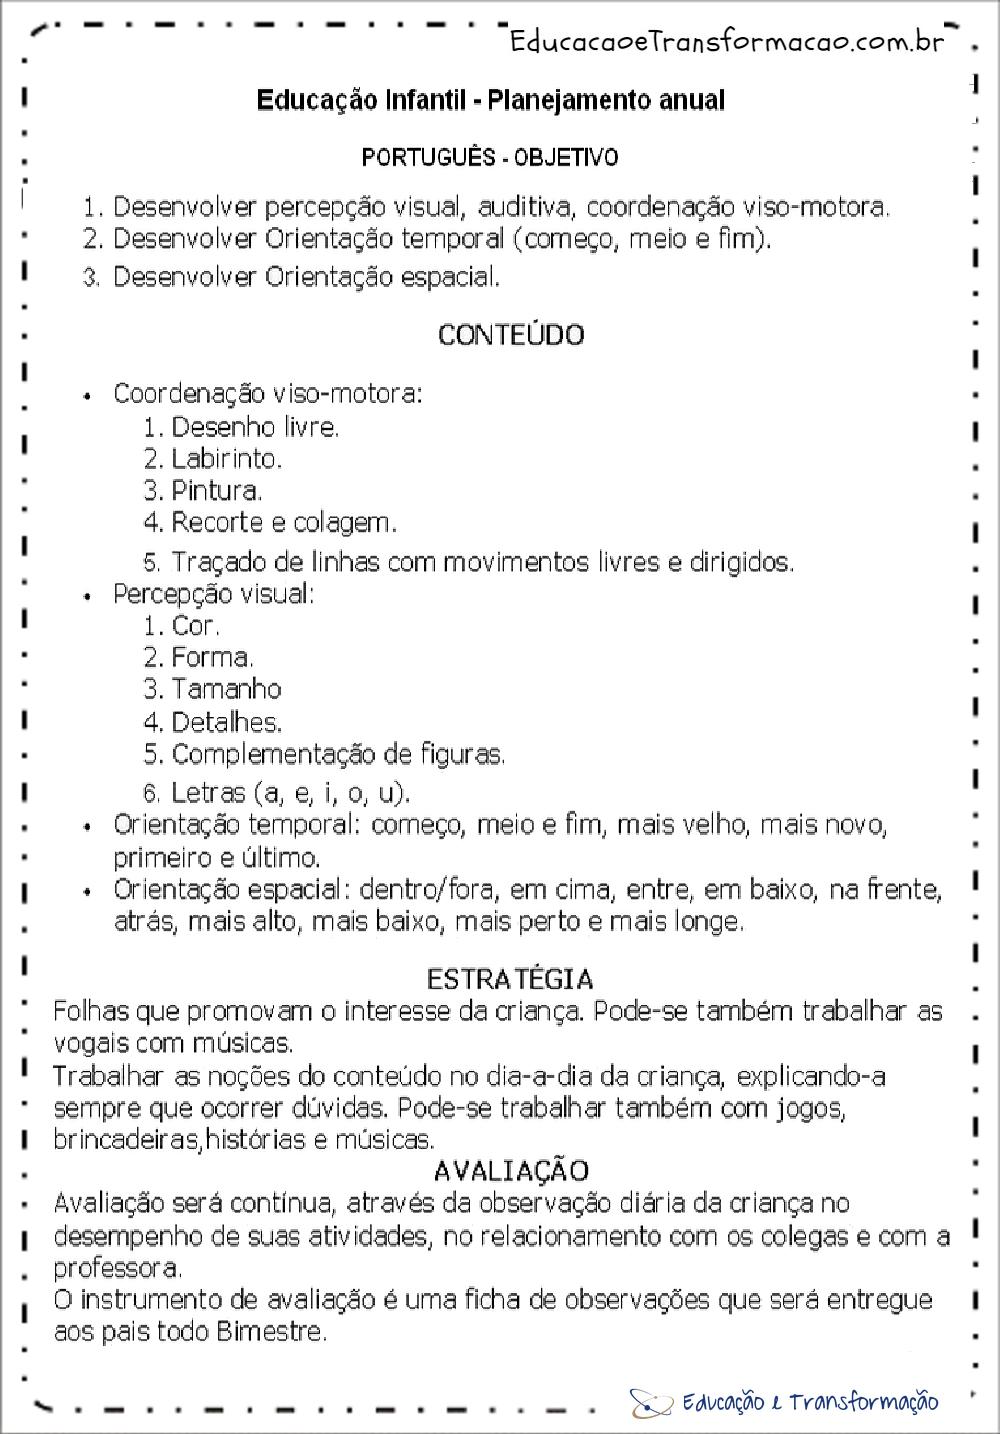 Planejamento anual educação infantil de Português